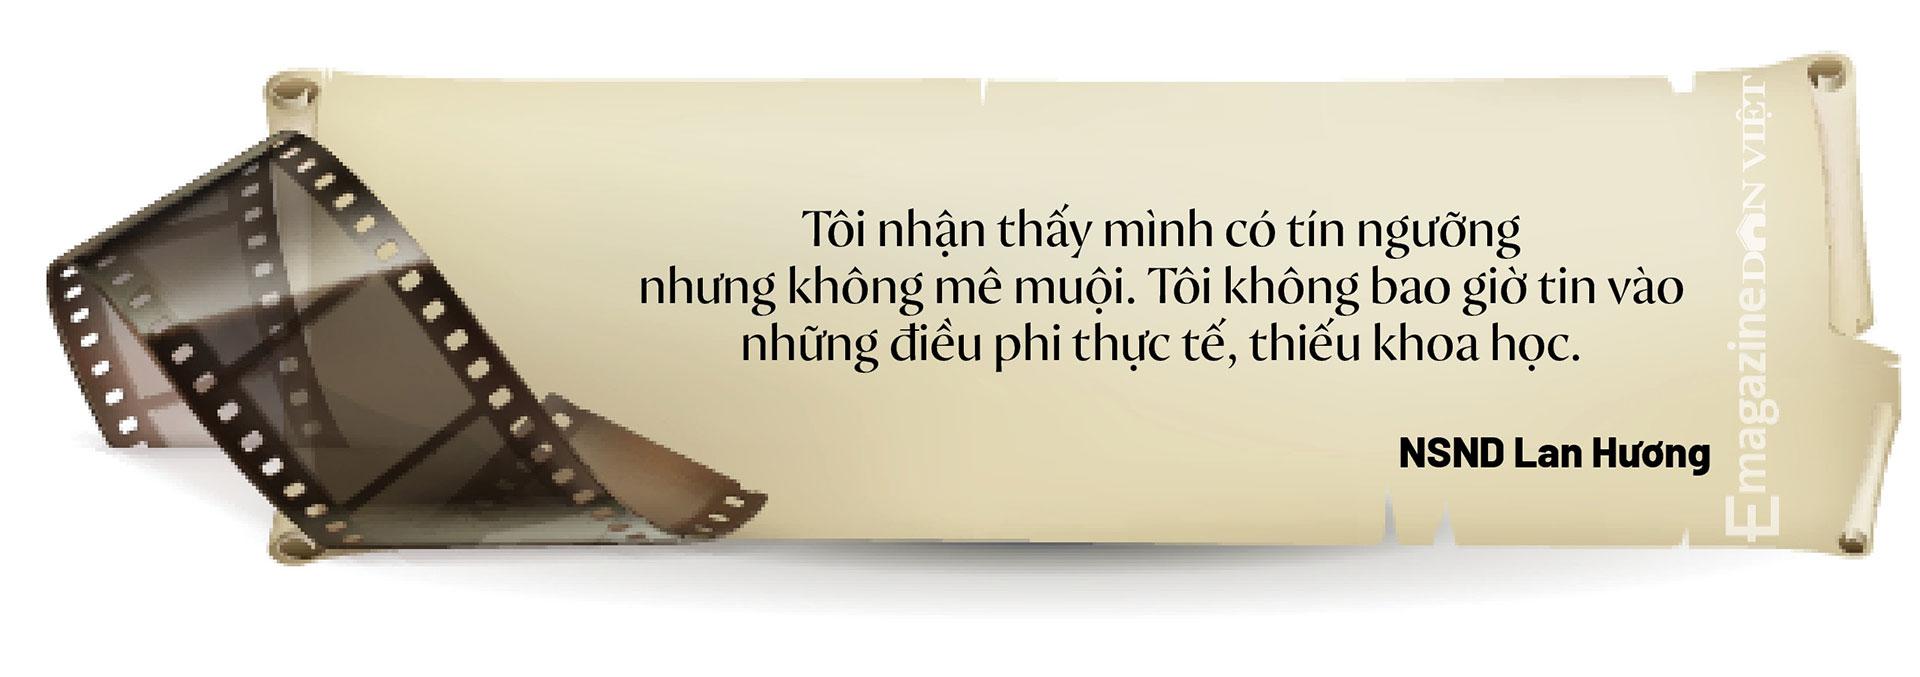 NSND Lan Hương: Tôi chưa bao giờ nghĩ, mình có thể rời xa được Hà Nội  - Ảnh 14.